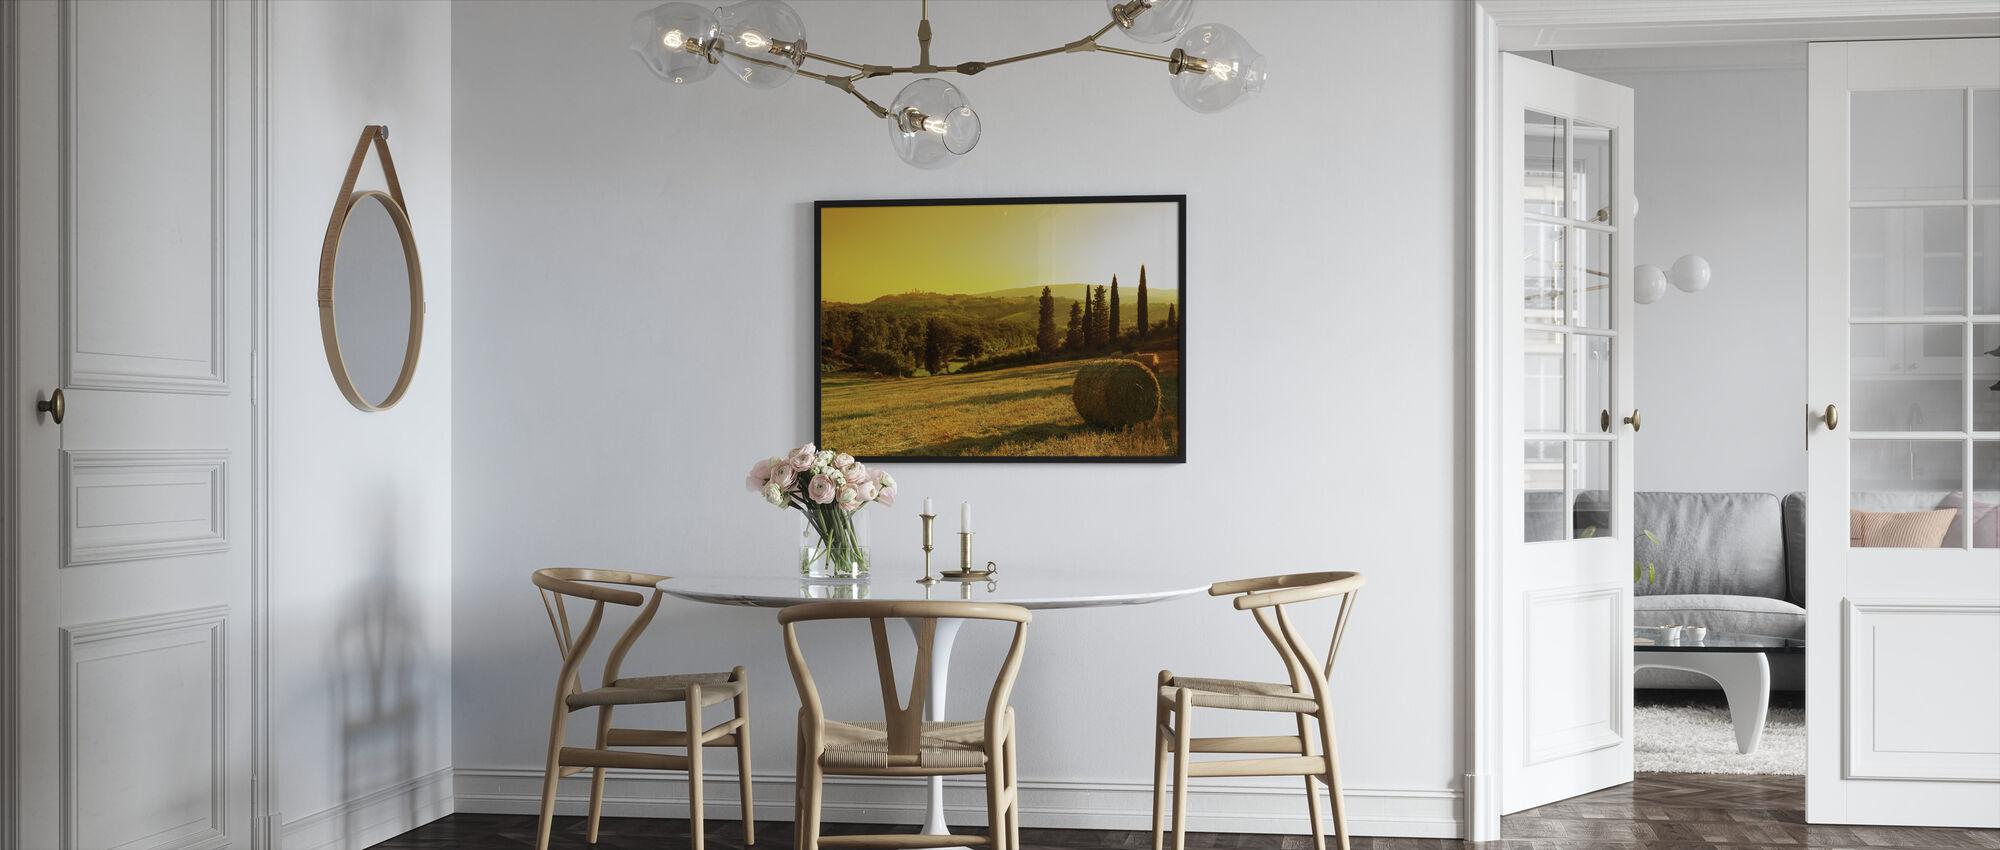 Sunset Toscana landskap - Innrammet bilde - Kjøkken